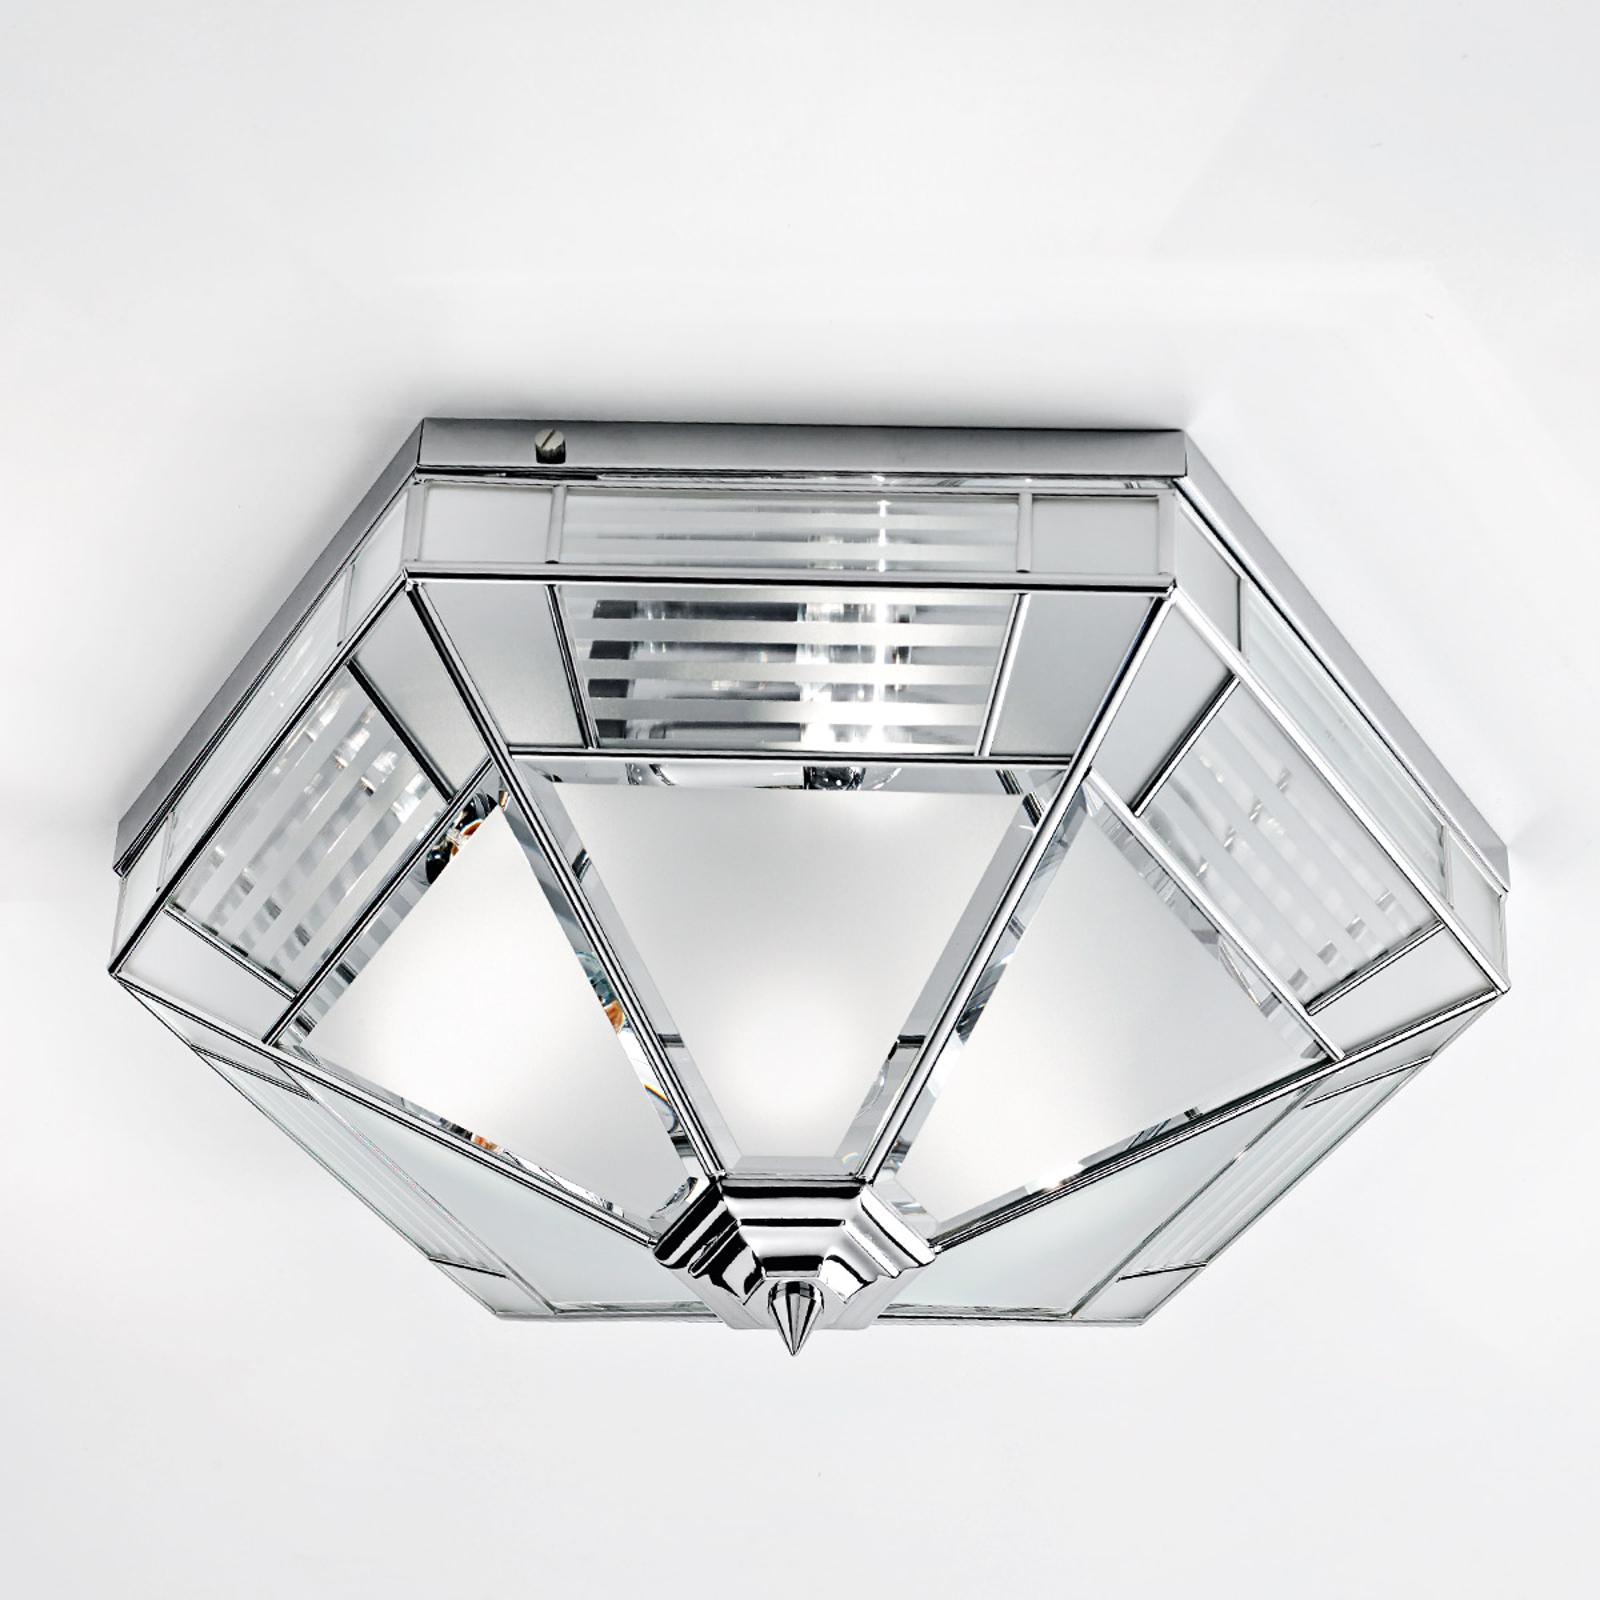 Giana zeshoekige plafondlamp, chroom